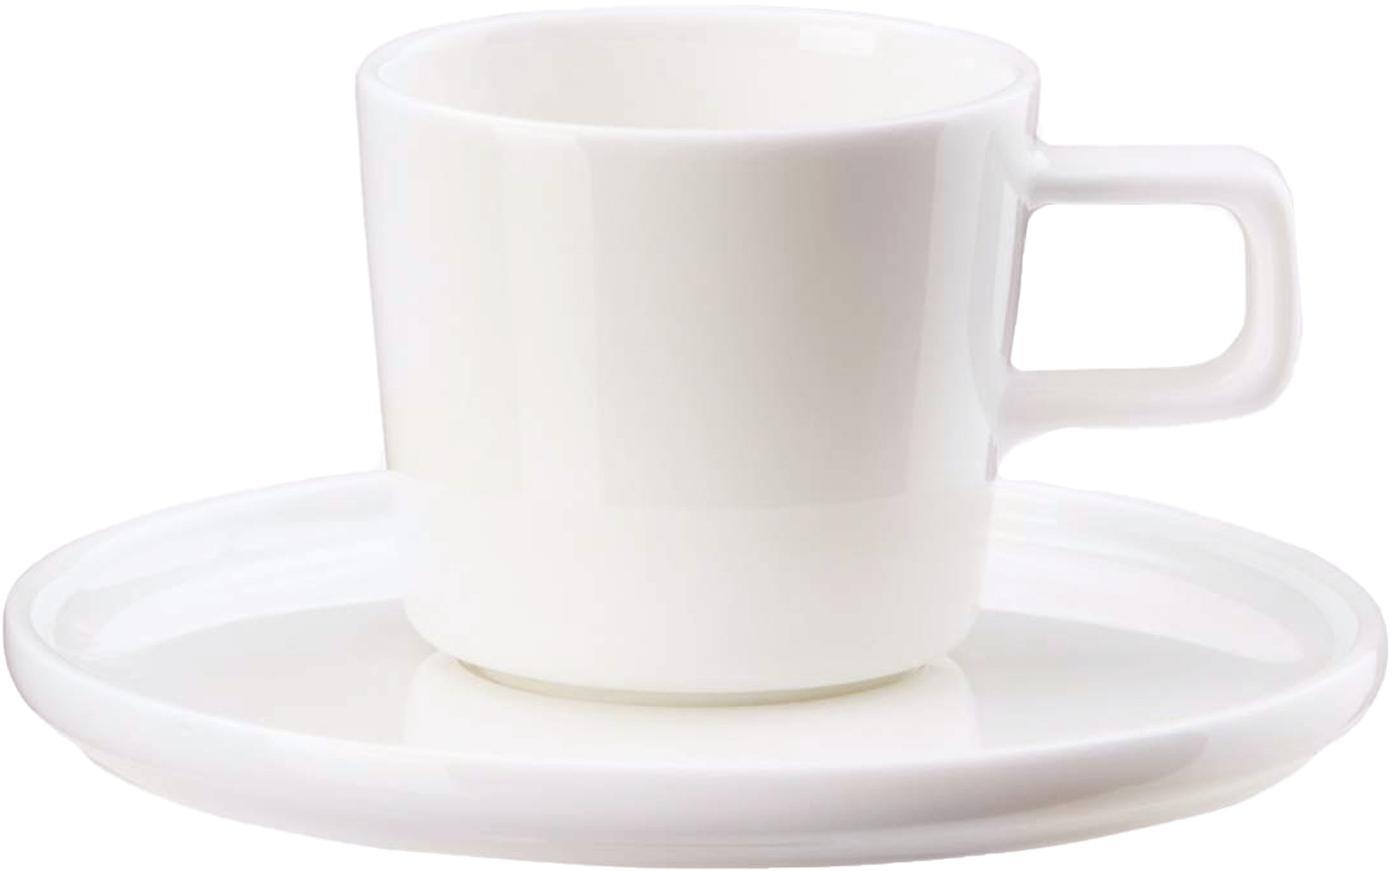 Kopjesset Oco, 12-delig, Beenderporselein, Wit, Ø 6 x H 7 cm